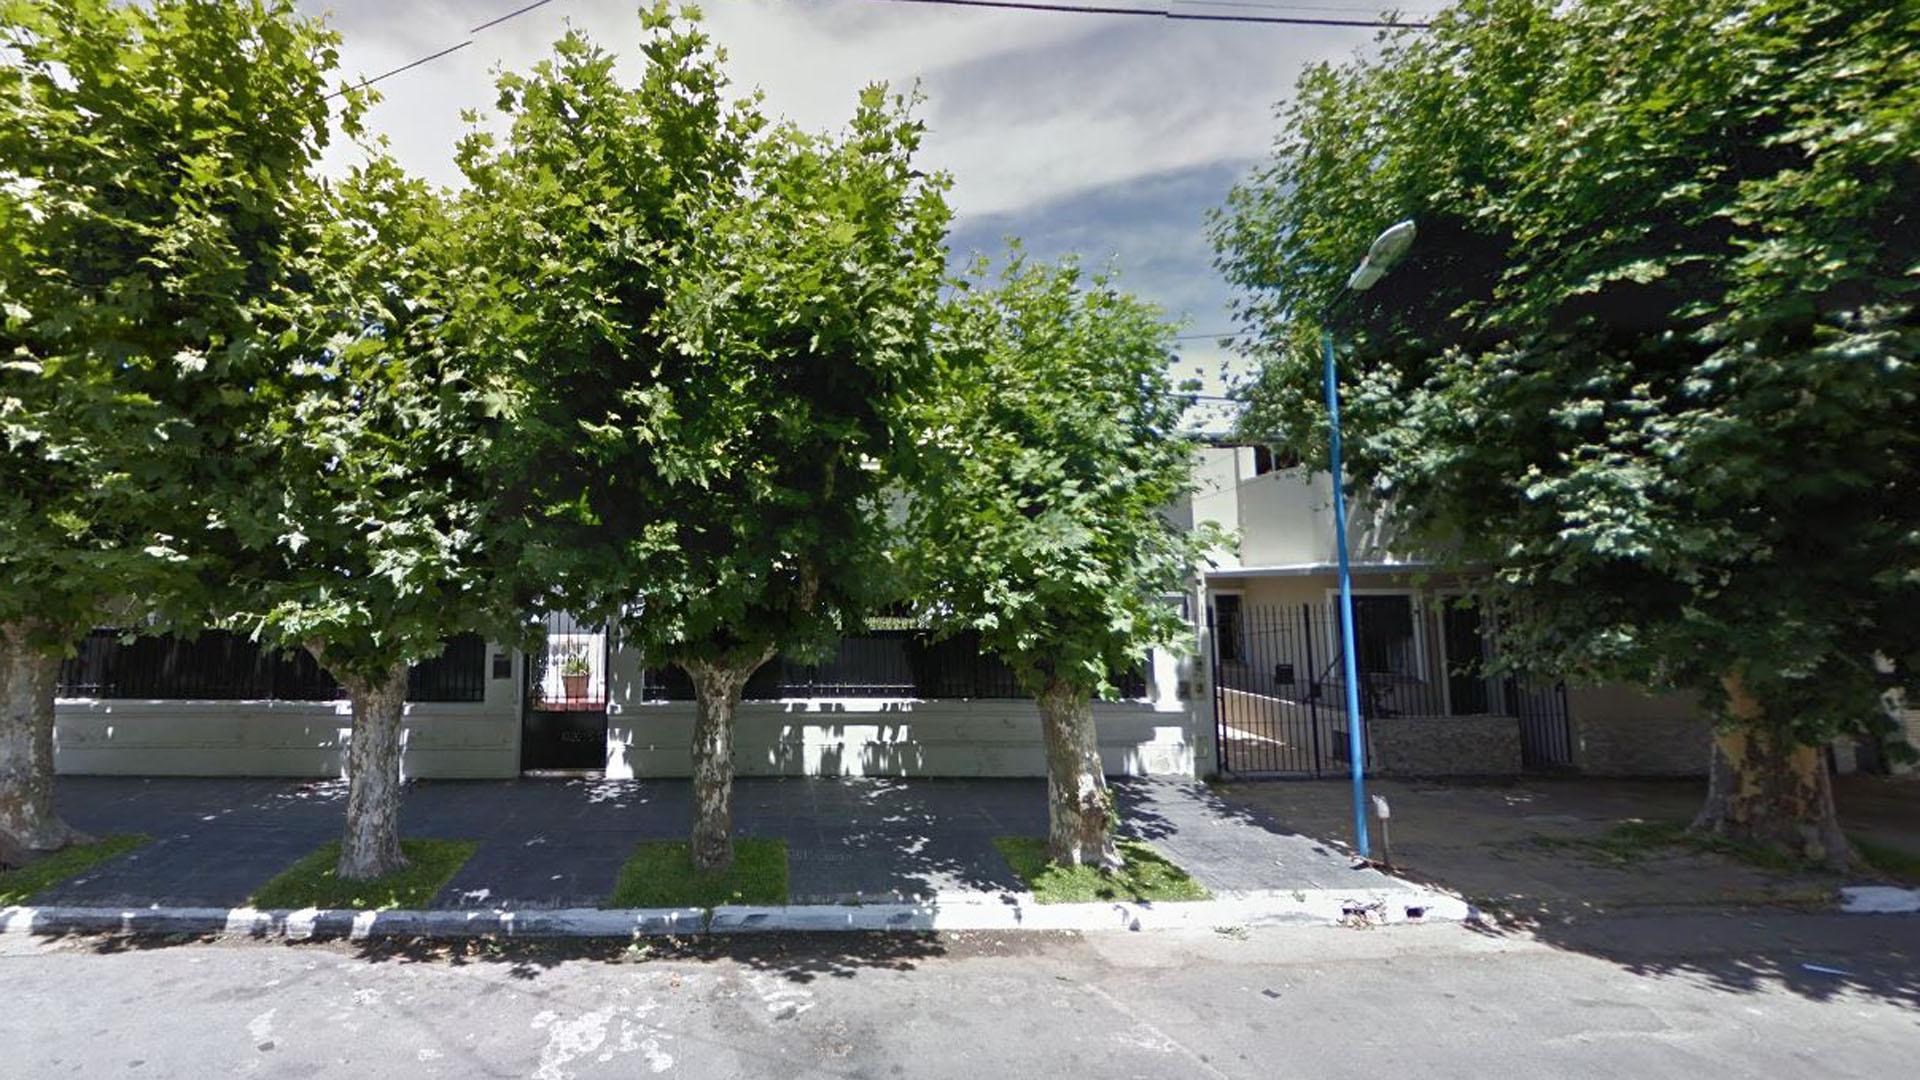 La casa de la calle Avellaneda donde ocurrió el hecho.